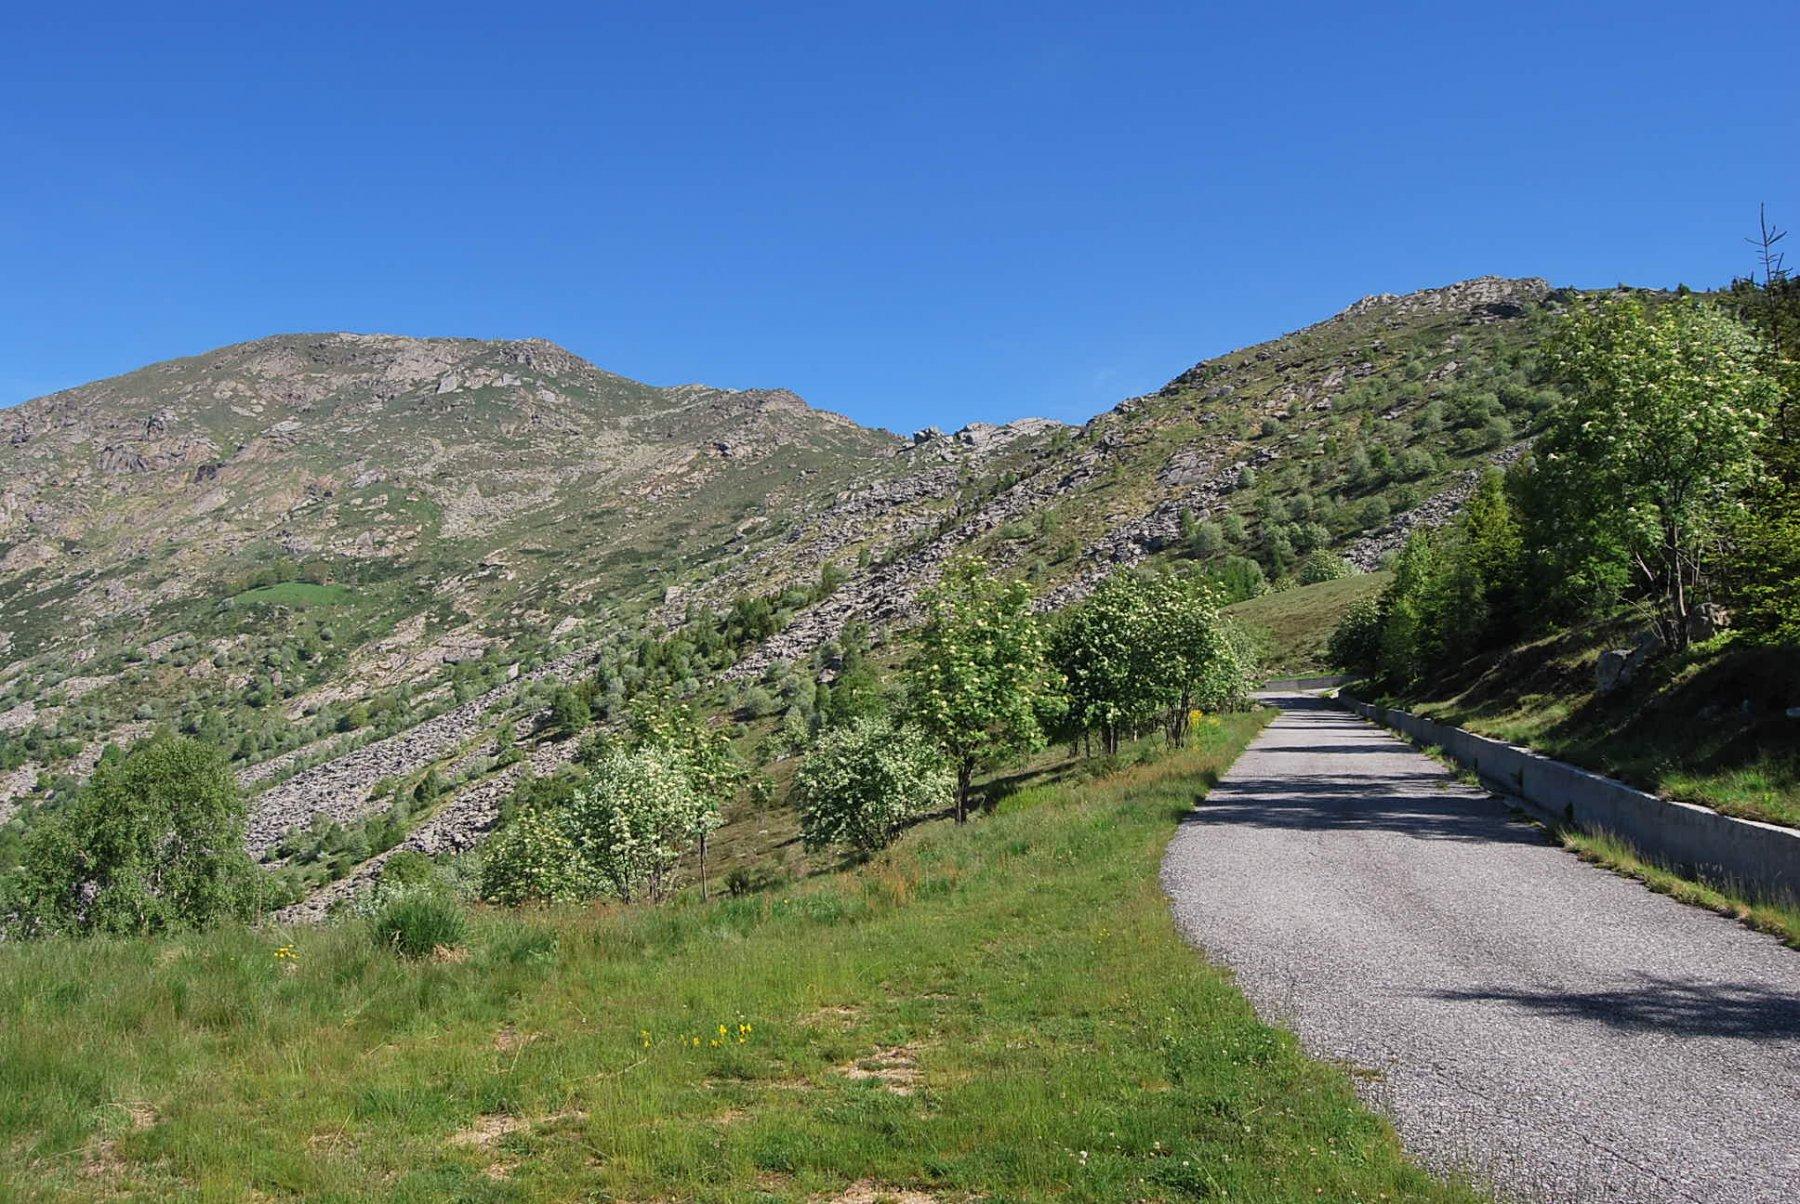 Le Colme e Monte Gregorio risalendo la strada alla ricerca del sentiero